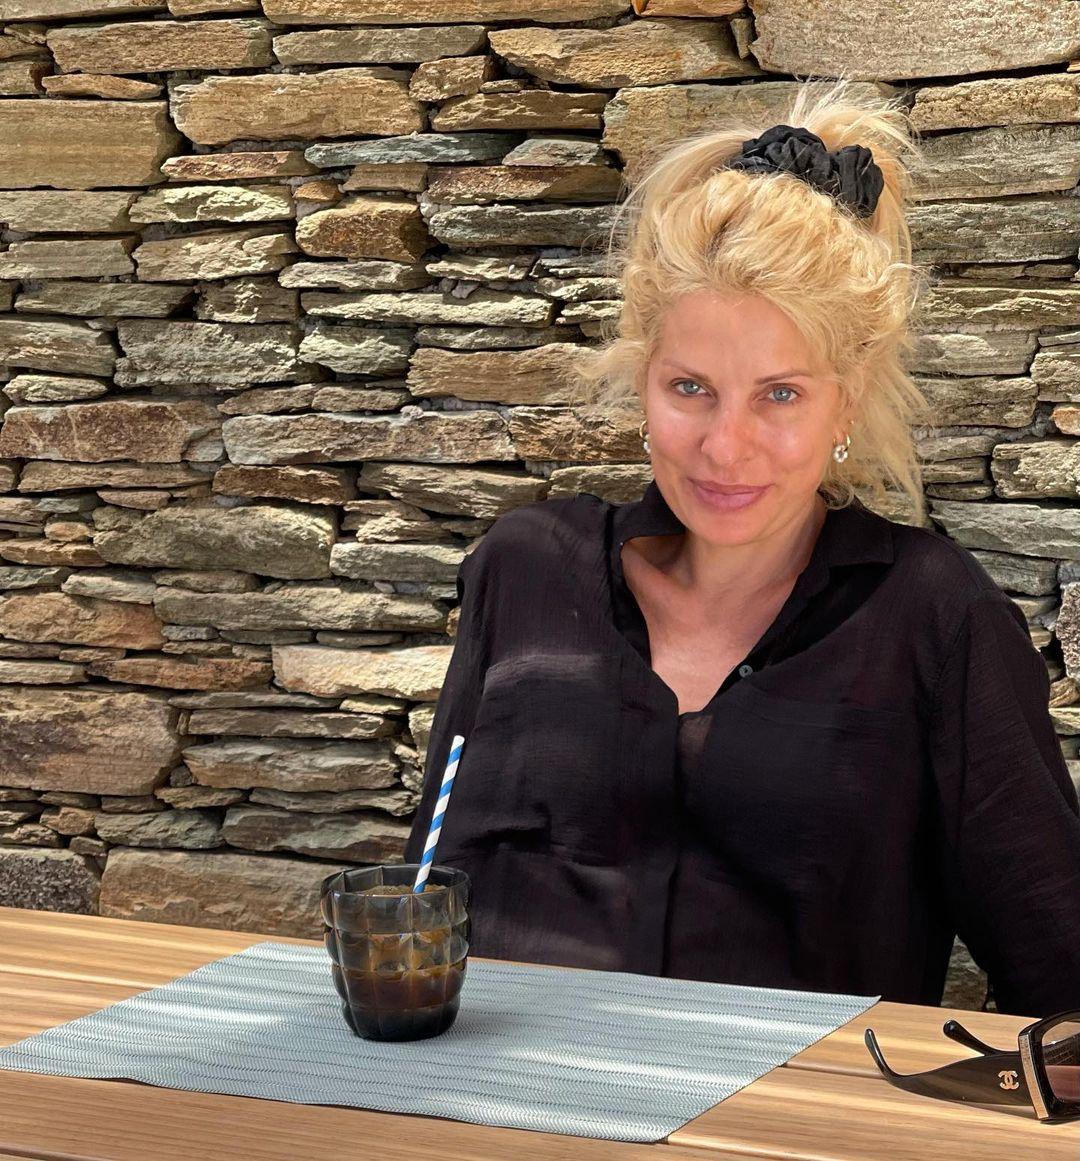 Ελένη Μενεγάκη διακοπές στα Άχλα